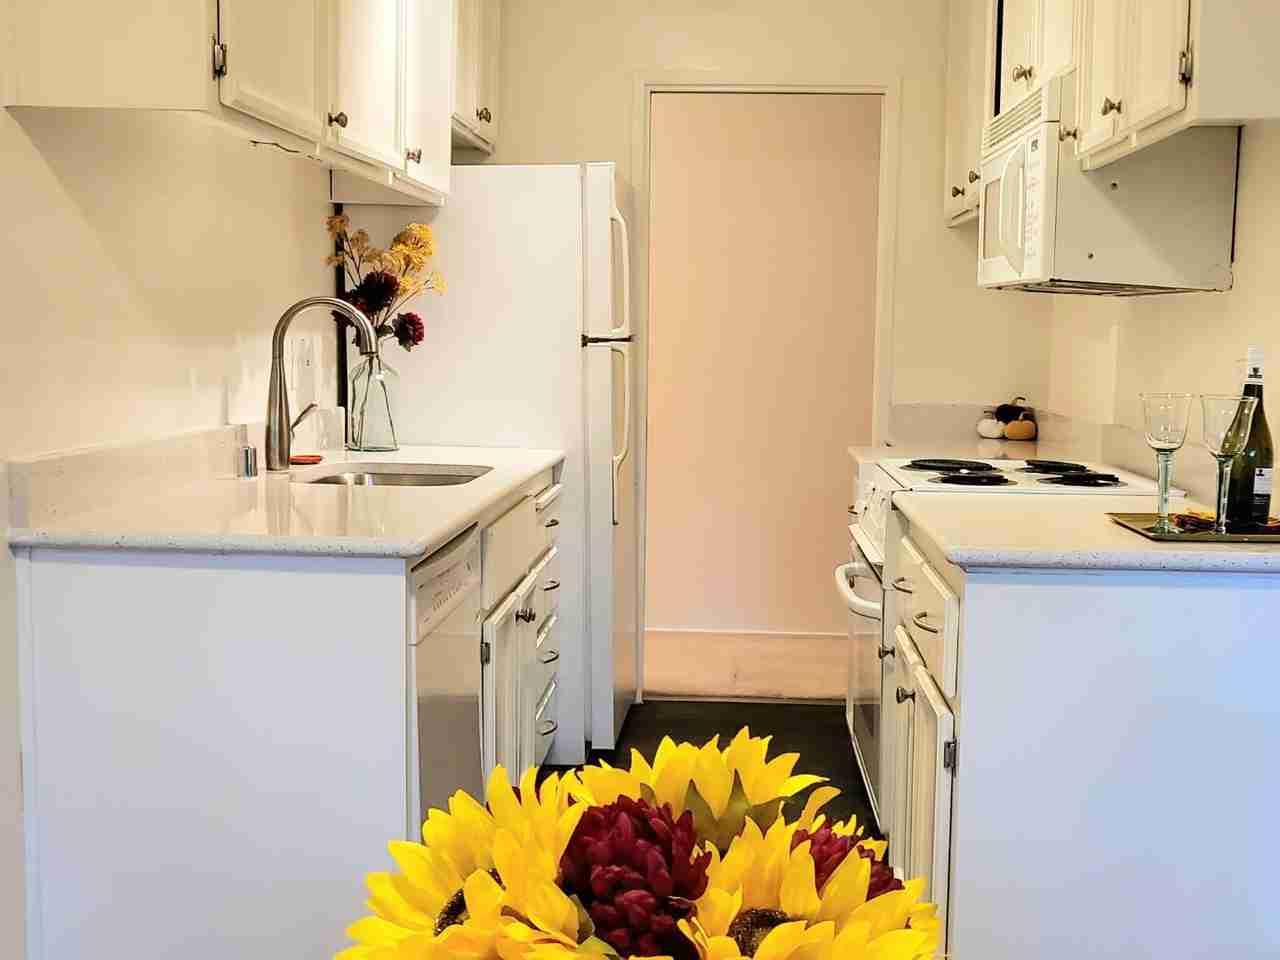 Kitchen, 280 Easy #418 Street #418 Mountain View, CA, 94043